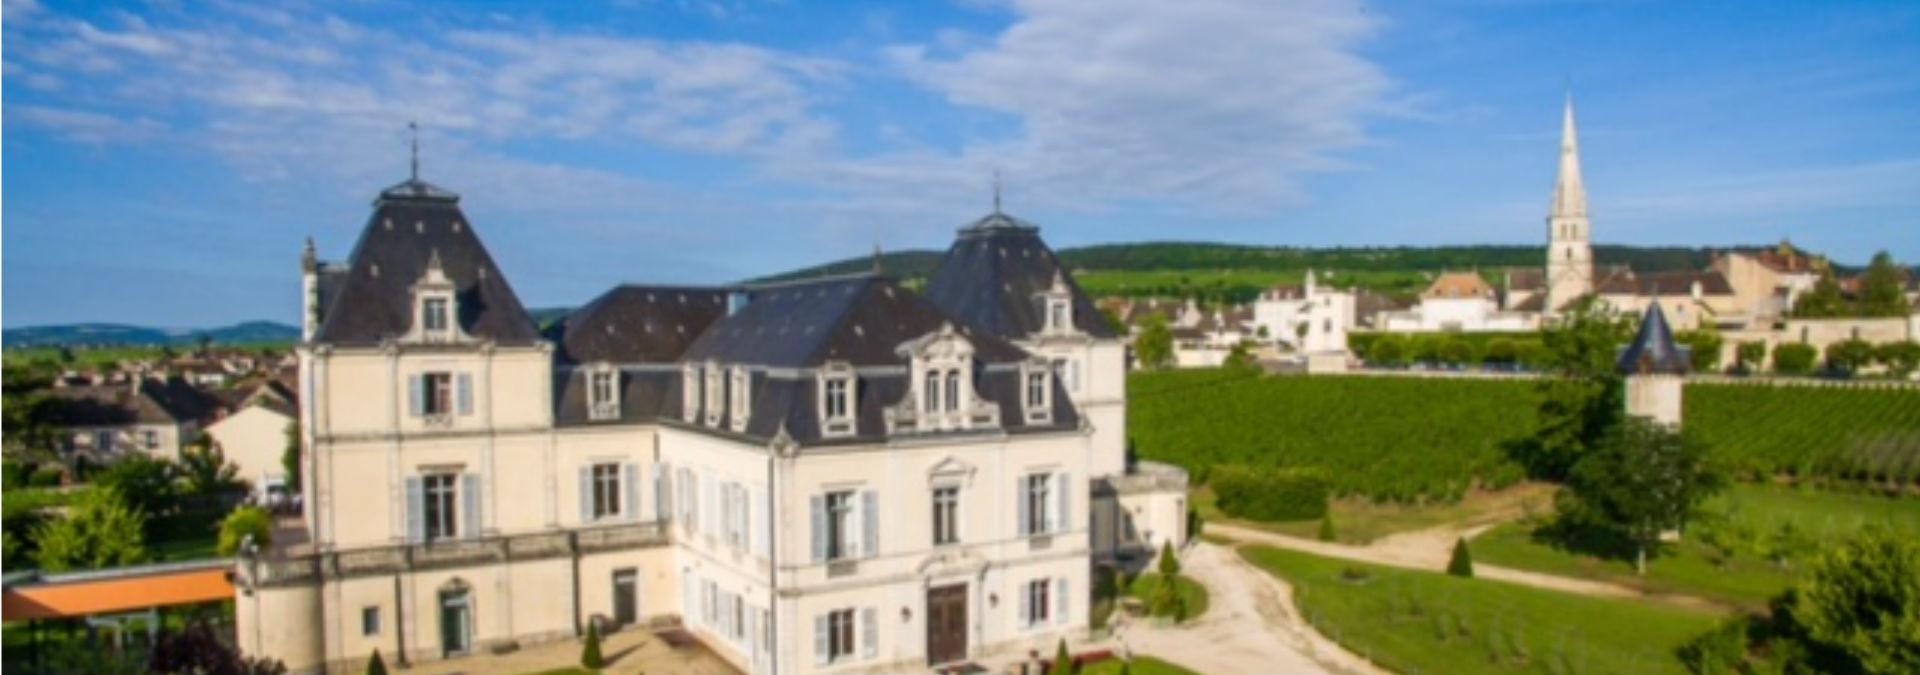 Château de Cîteaux La Cueillette